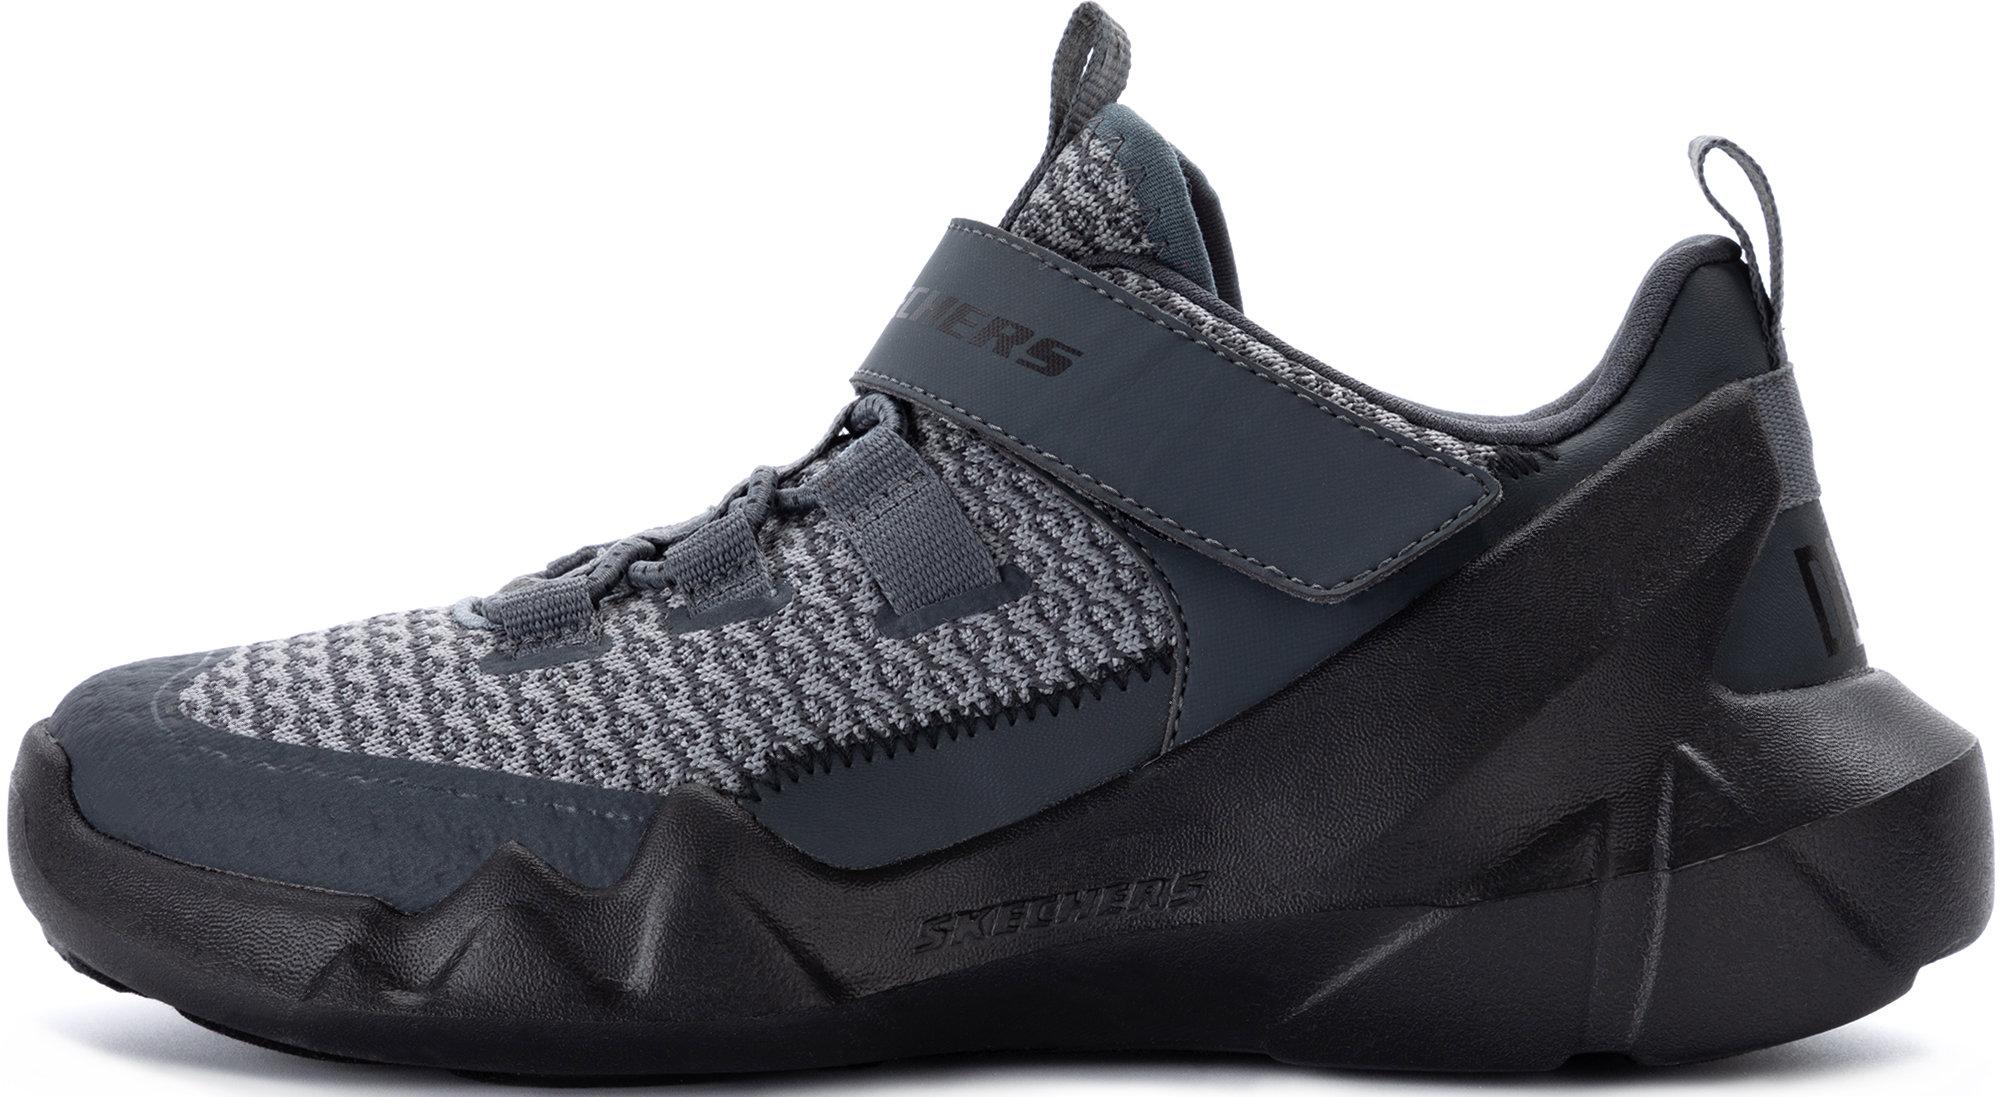 Кроссовки для мальчиков детские Skechers купить в интернет магазине 👍 ddc37762f1e